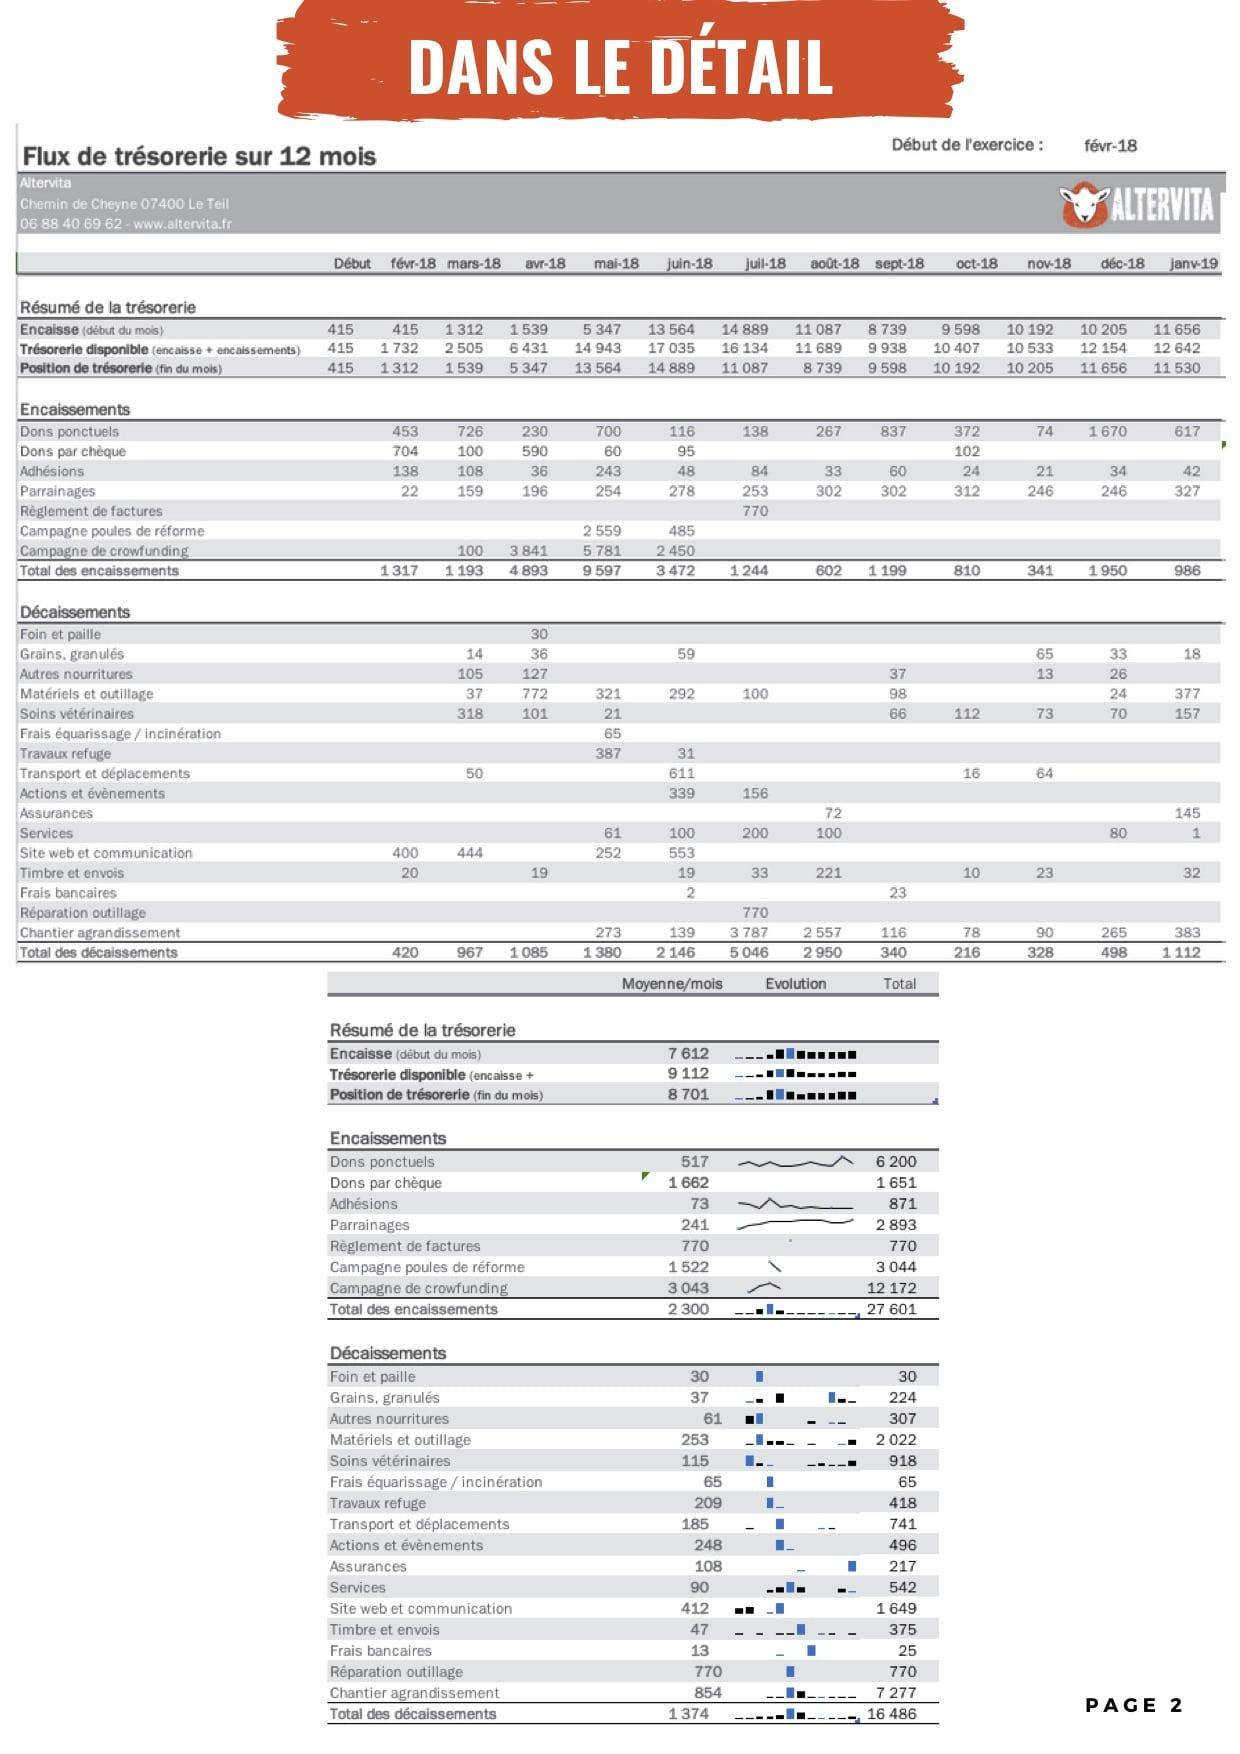 rapport_financier_20182